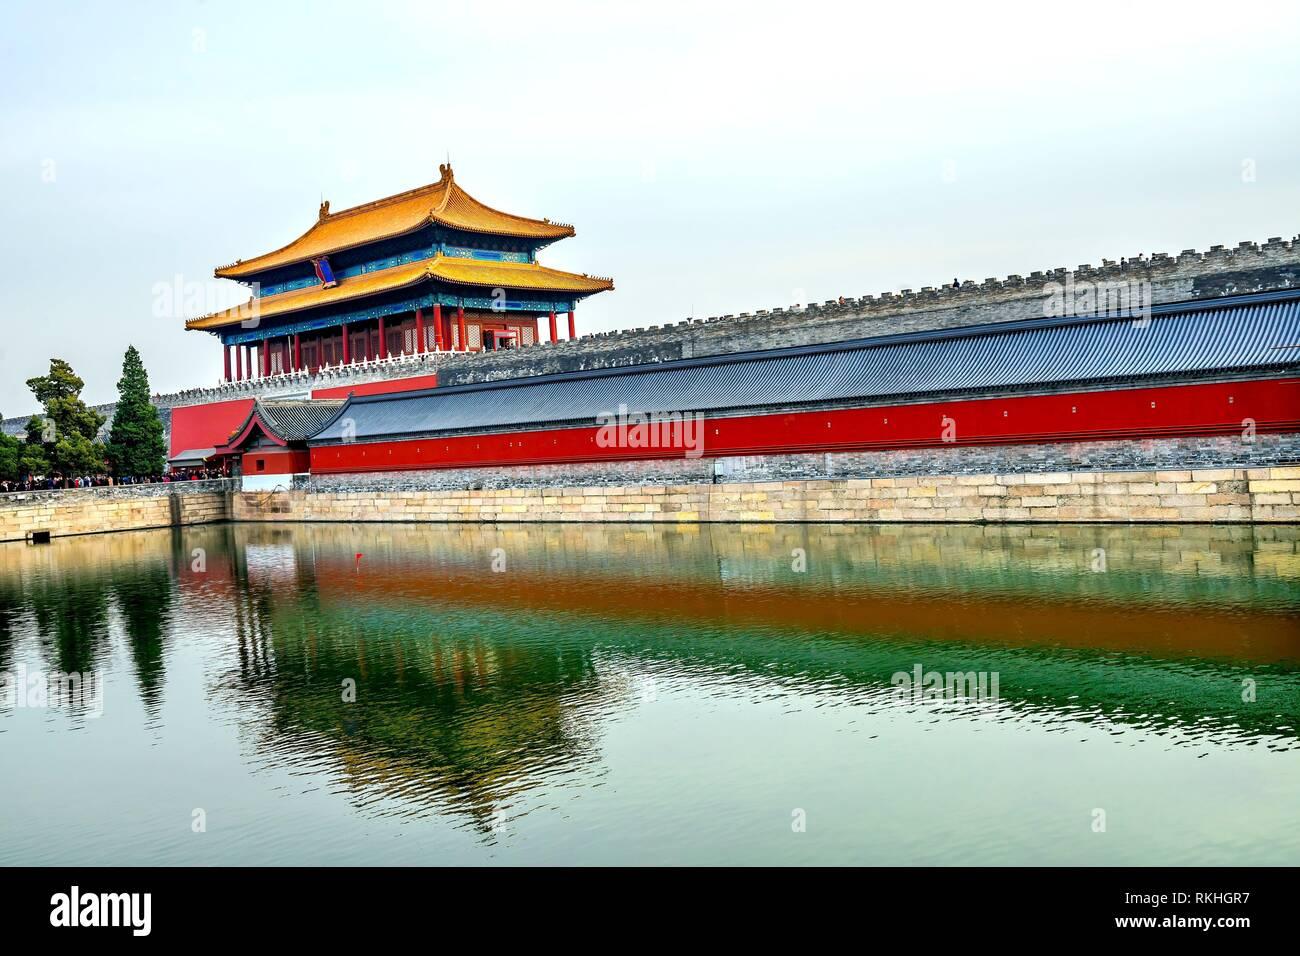 Cancello posteriore purezza celeste Gugong Città Proibita Moat Canal parete Plaace Beijing in Cina. Il Palazzo Imperiale, costruito nel Seicento nella dinastia Ming. Immagini Stock